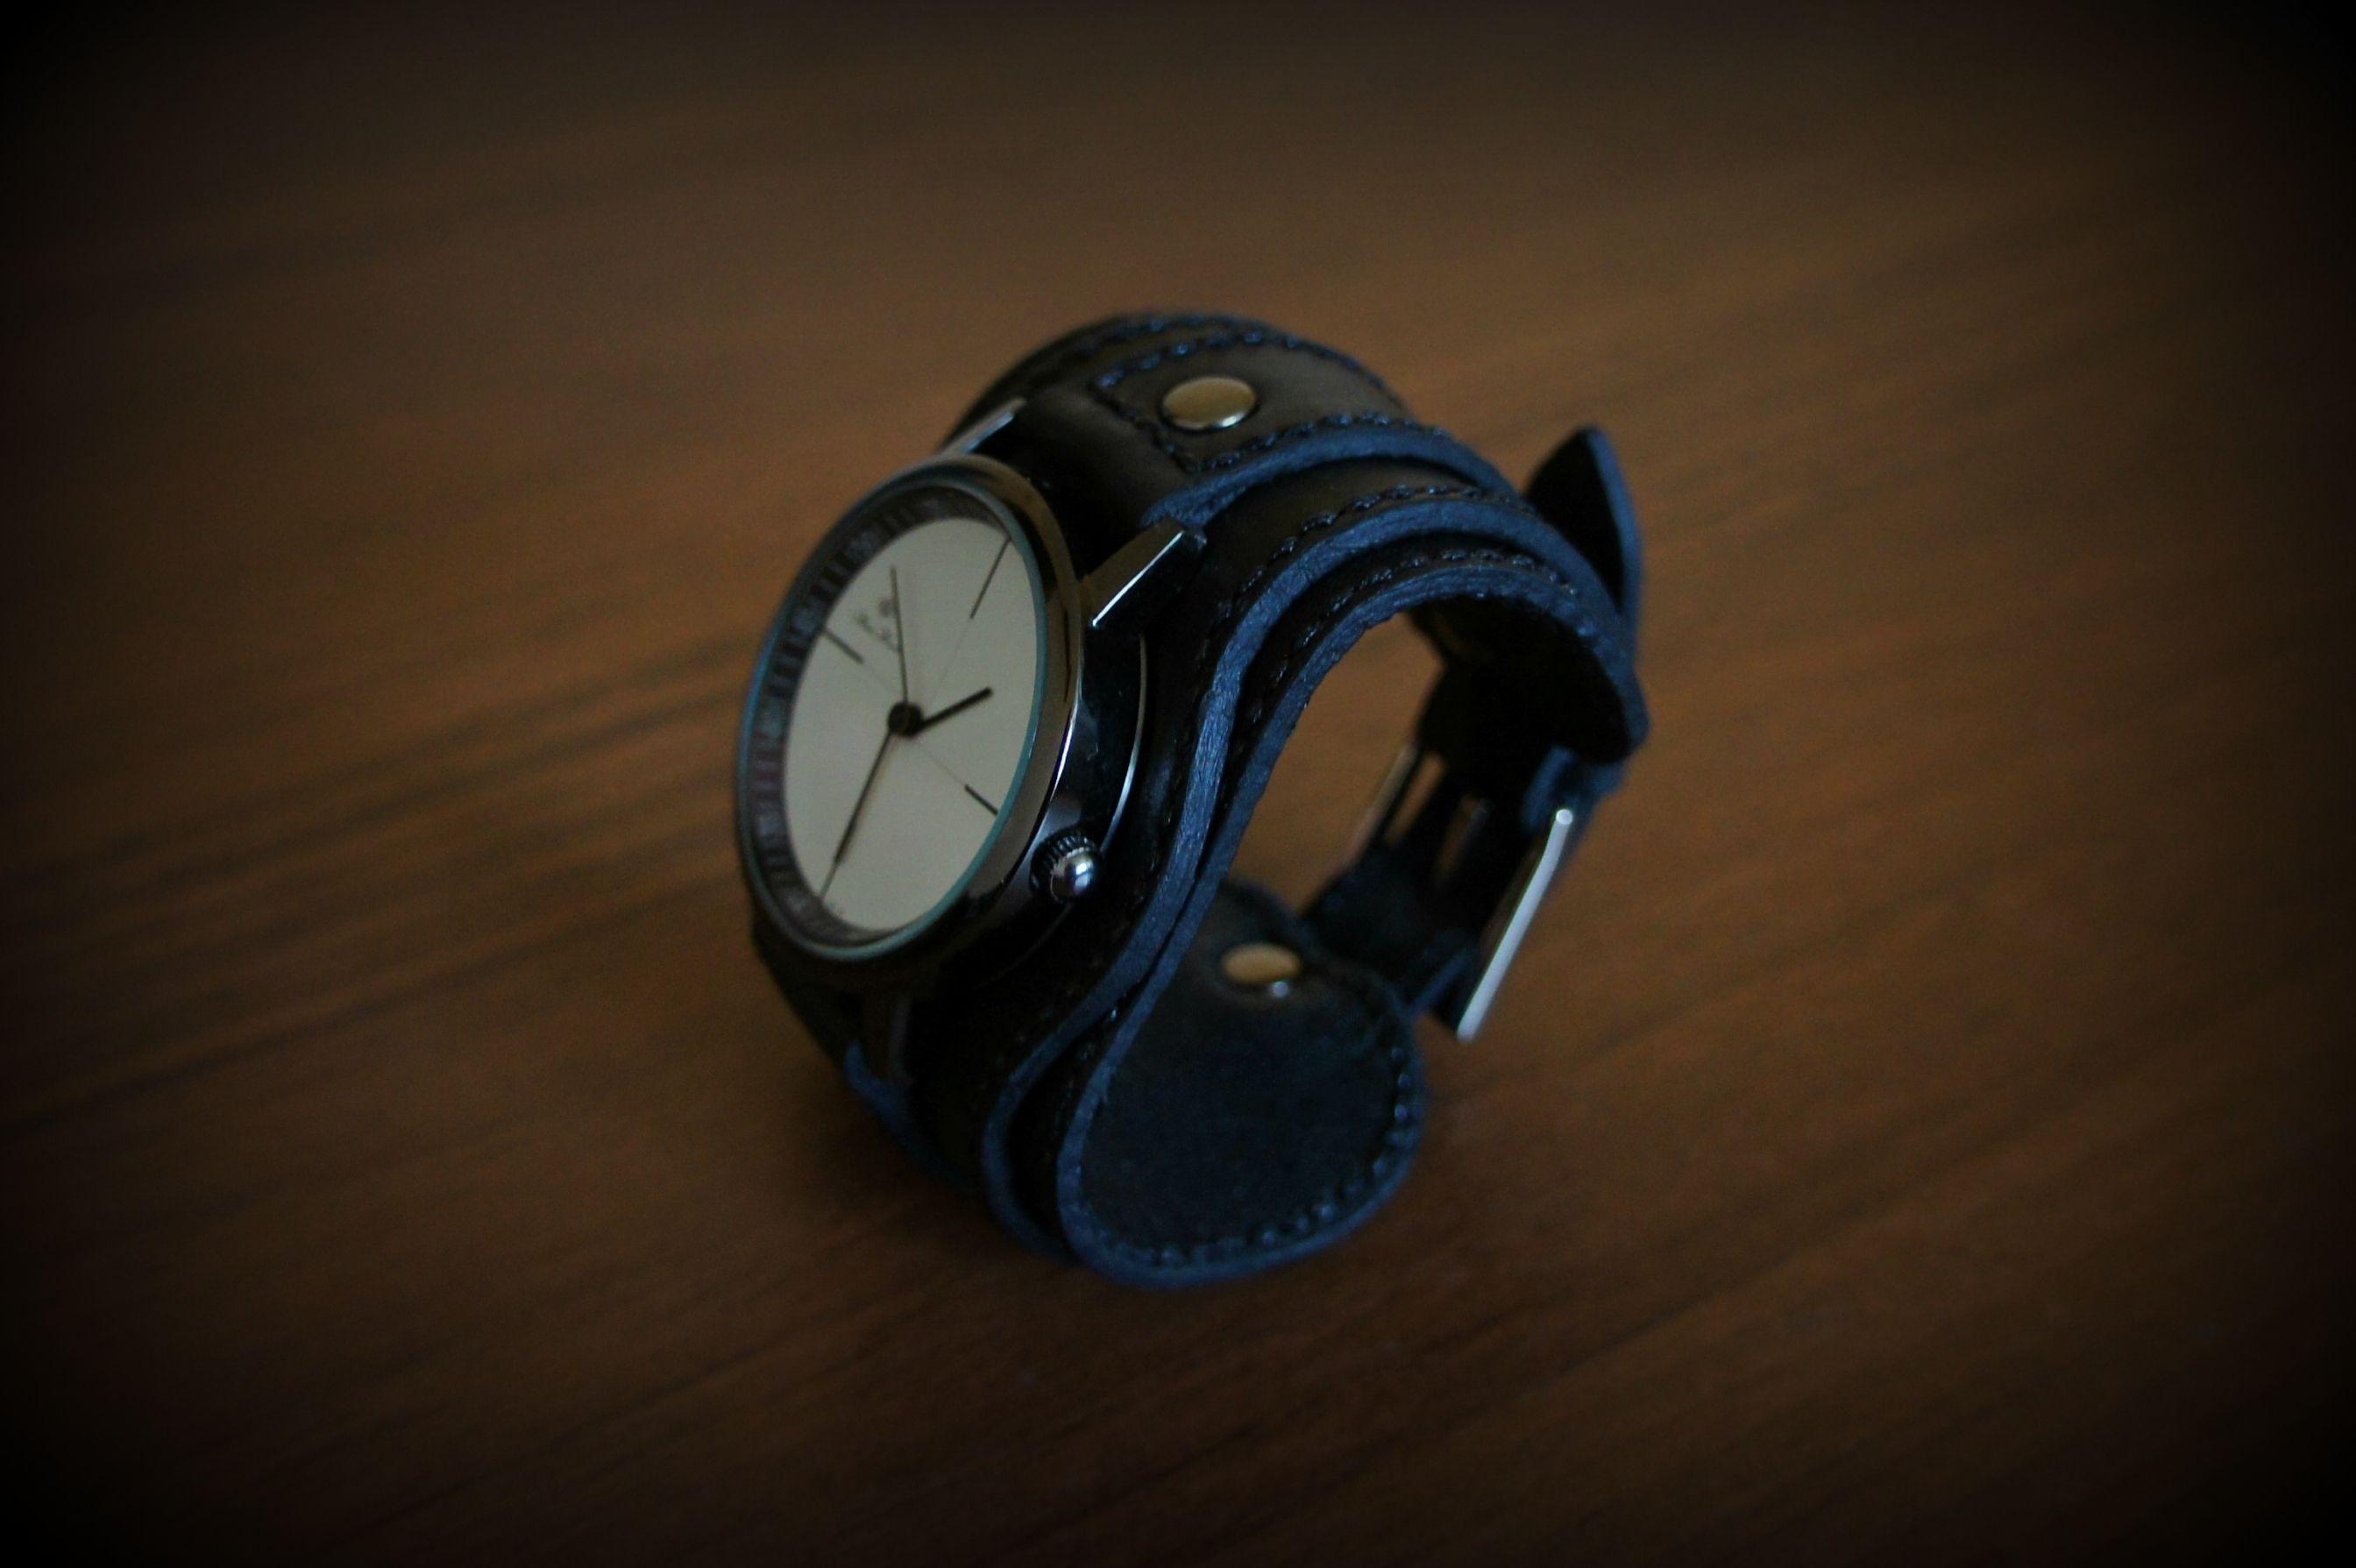 подарок подарокдевушке часынаширокомбраслете часынаширокомремешке браслетизкожи часы стильныйаксессуар аксессуарыручнойработы широкийбраслет часынаручныеженские часыженские часынатуральнаякожа купитьчасы натуральнаякожа